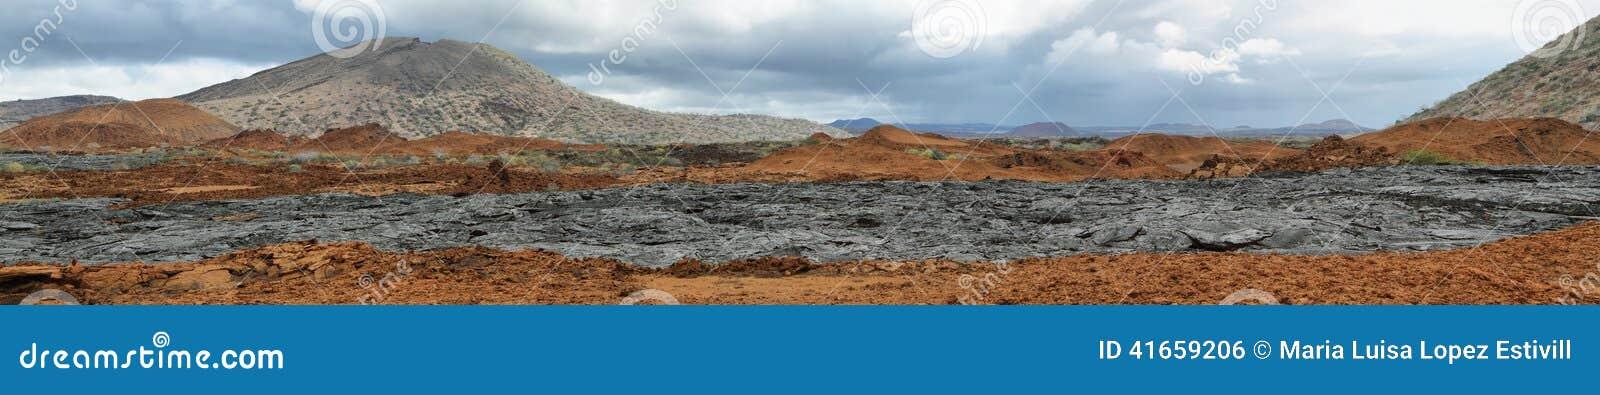 Вулканический ландшафт острова Сантьяго